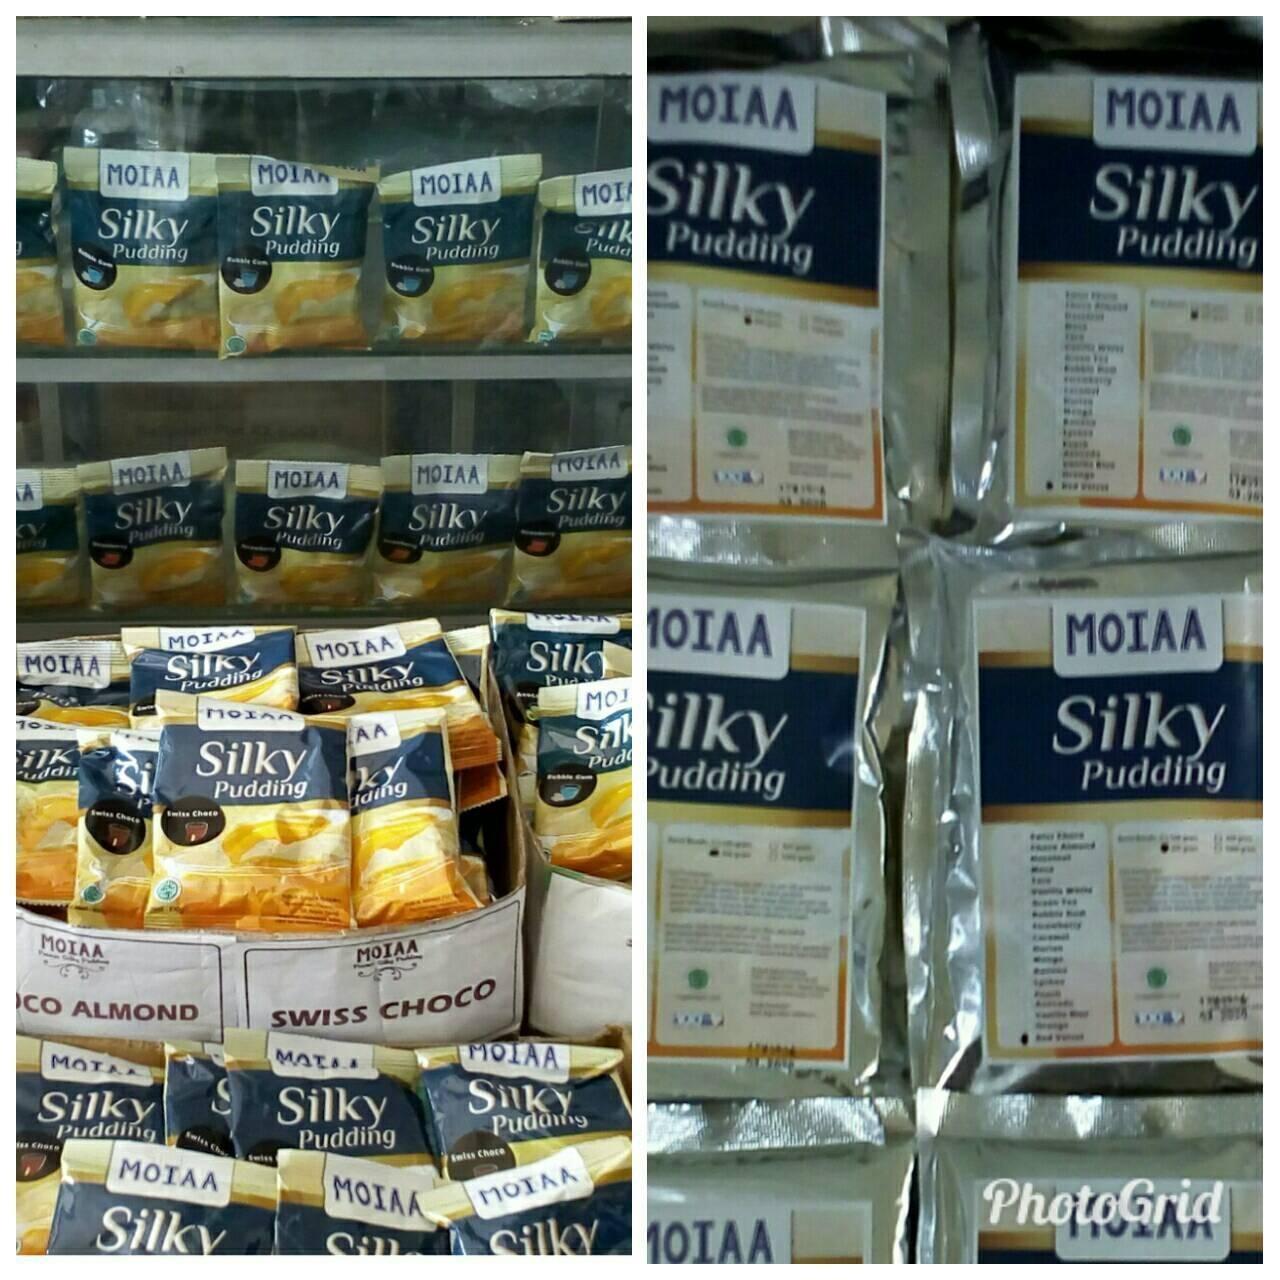 Moiaa Pudding Silky 100 Gram 4 Pcs Update Daftar Harga Terbaru Premix Agen Disributor Indonesia Menjual Bahan Puding Bubuk